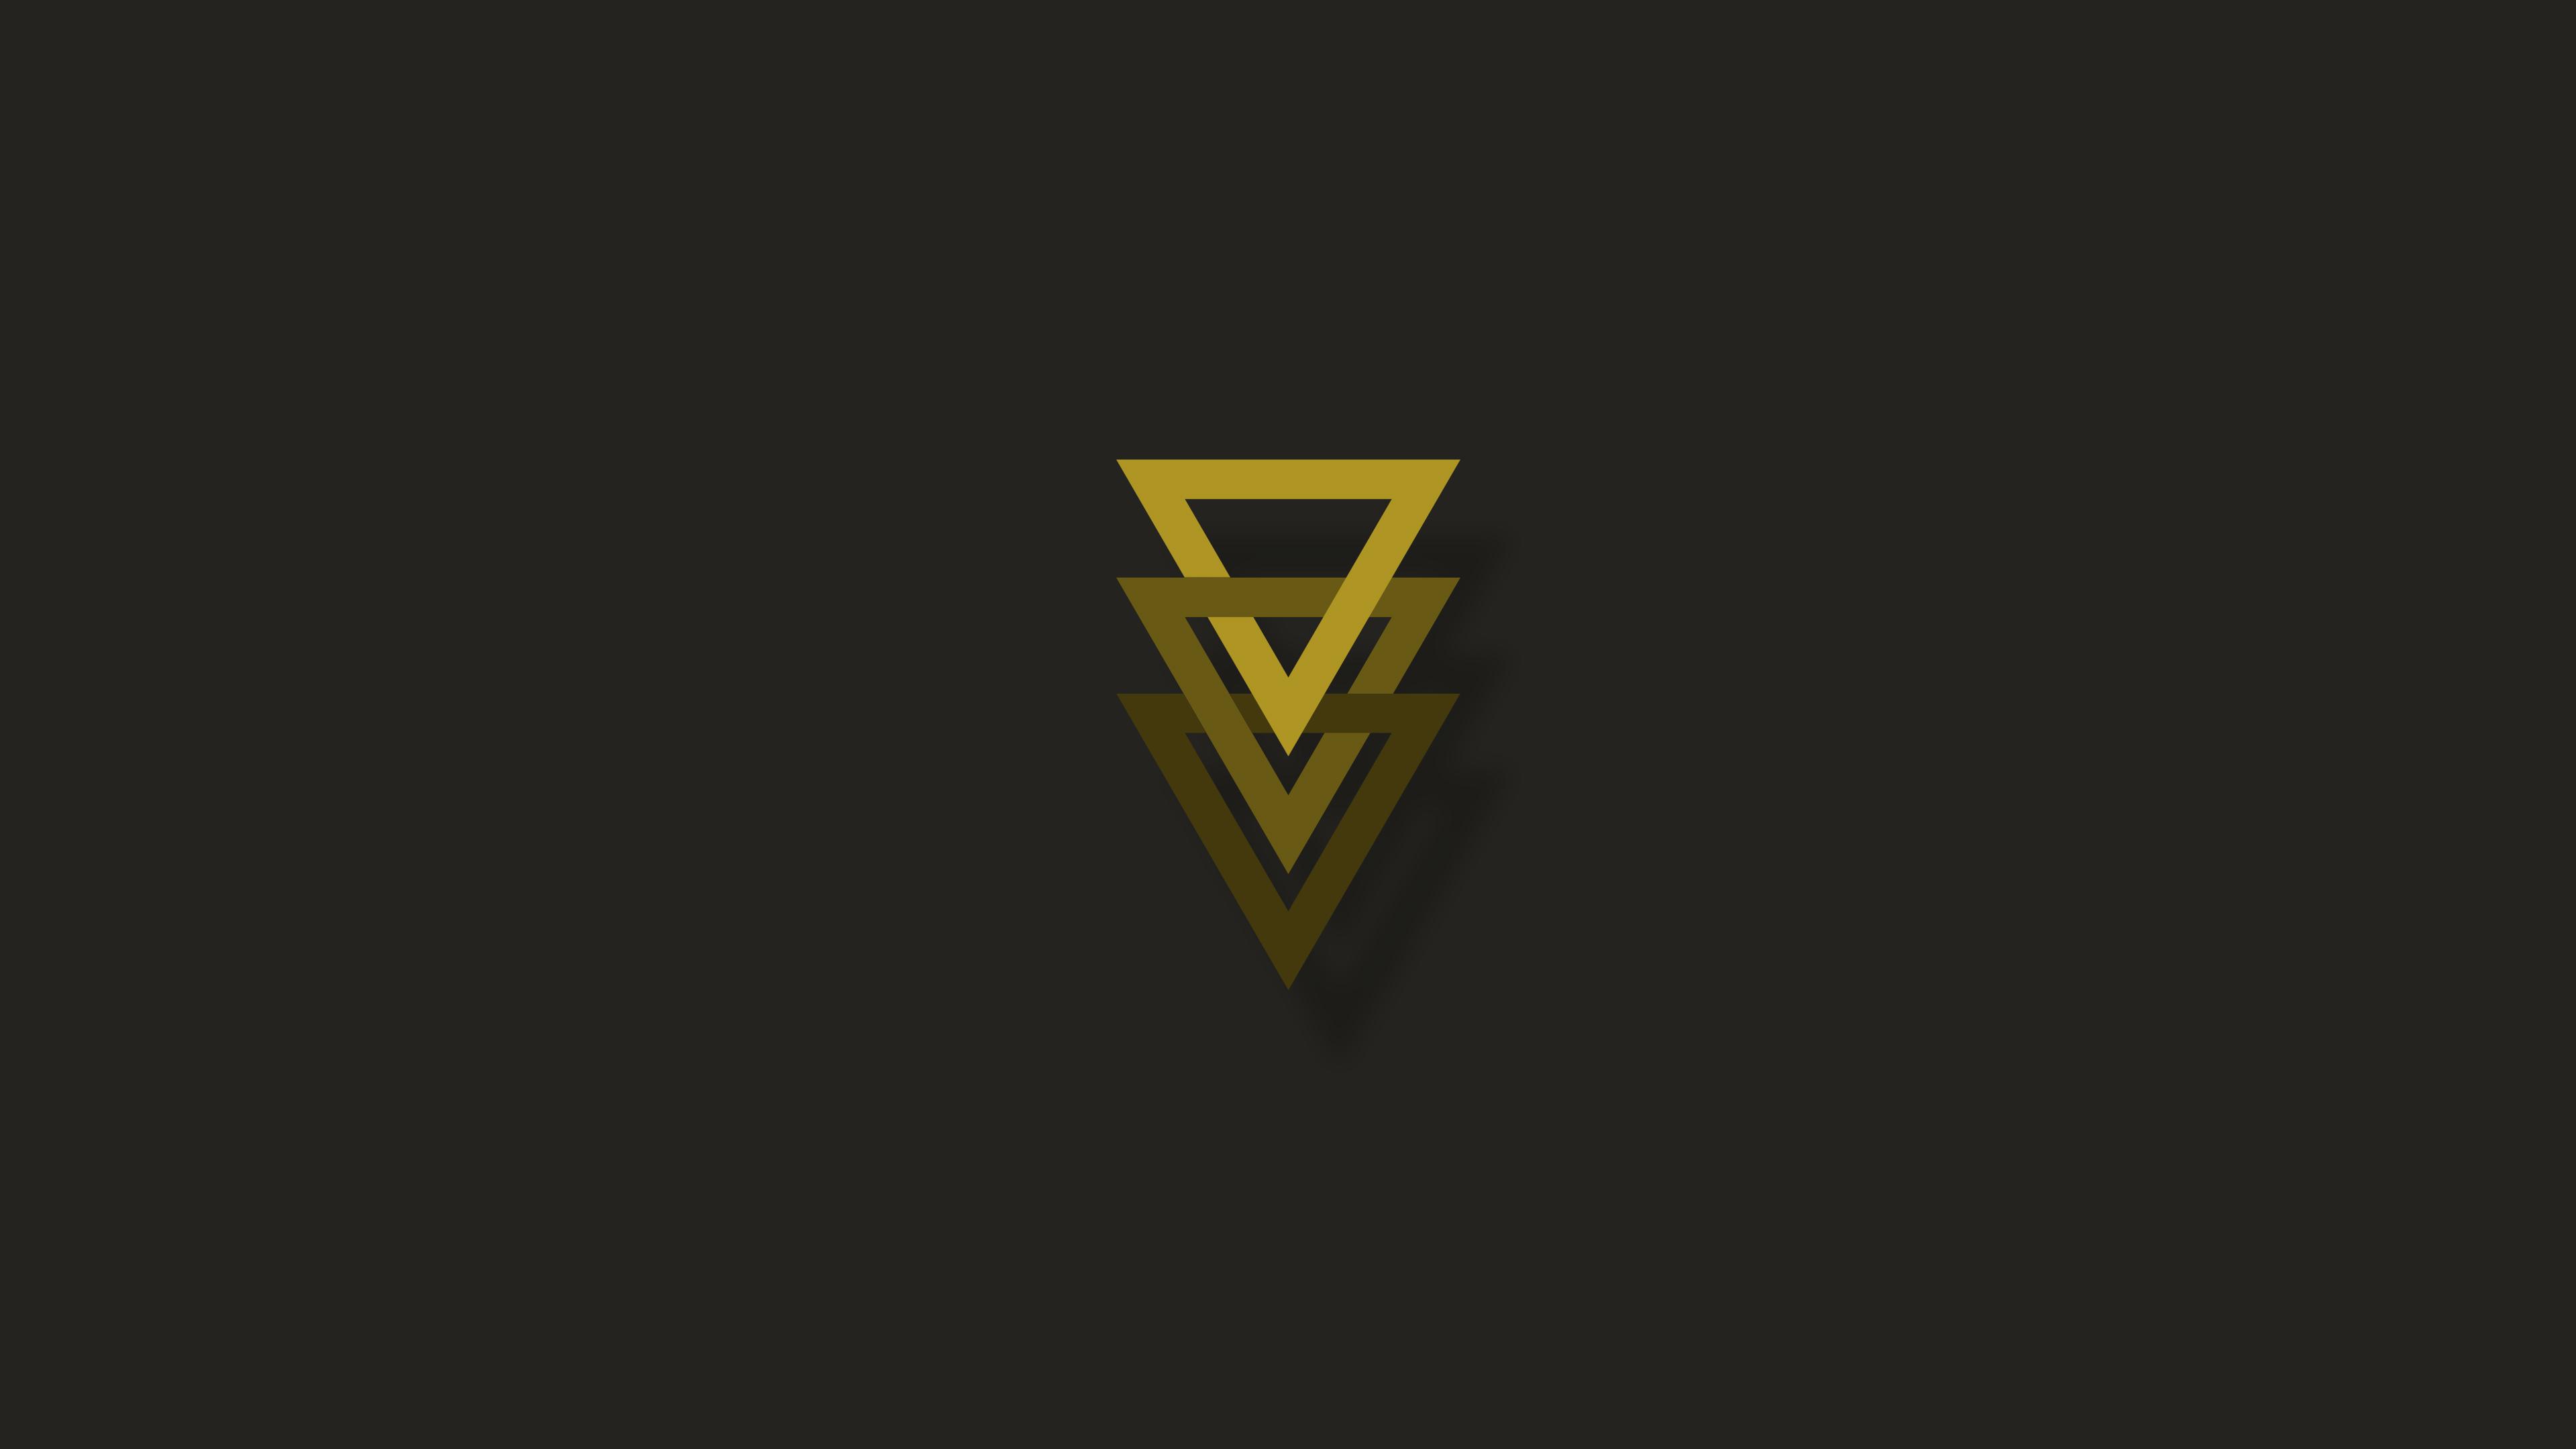 minimalism triangle geometry 4k 1551641903 - Minimalism Triangle Geometry 4k - triangle wallpapers, minimalist wallpapers, minimalism wallpapers, hd-wallpapers, geometry wallpapers, digital art wallpapers, artwork wallpapers, artist wallpapers